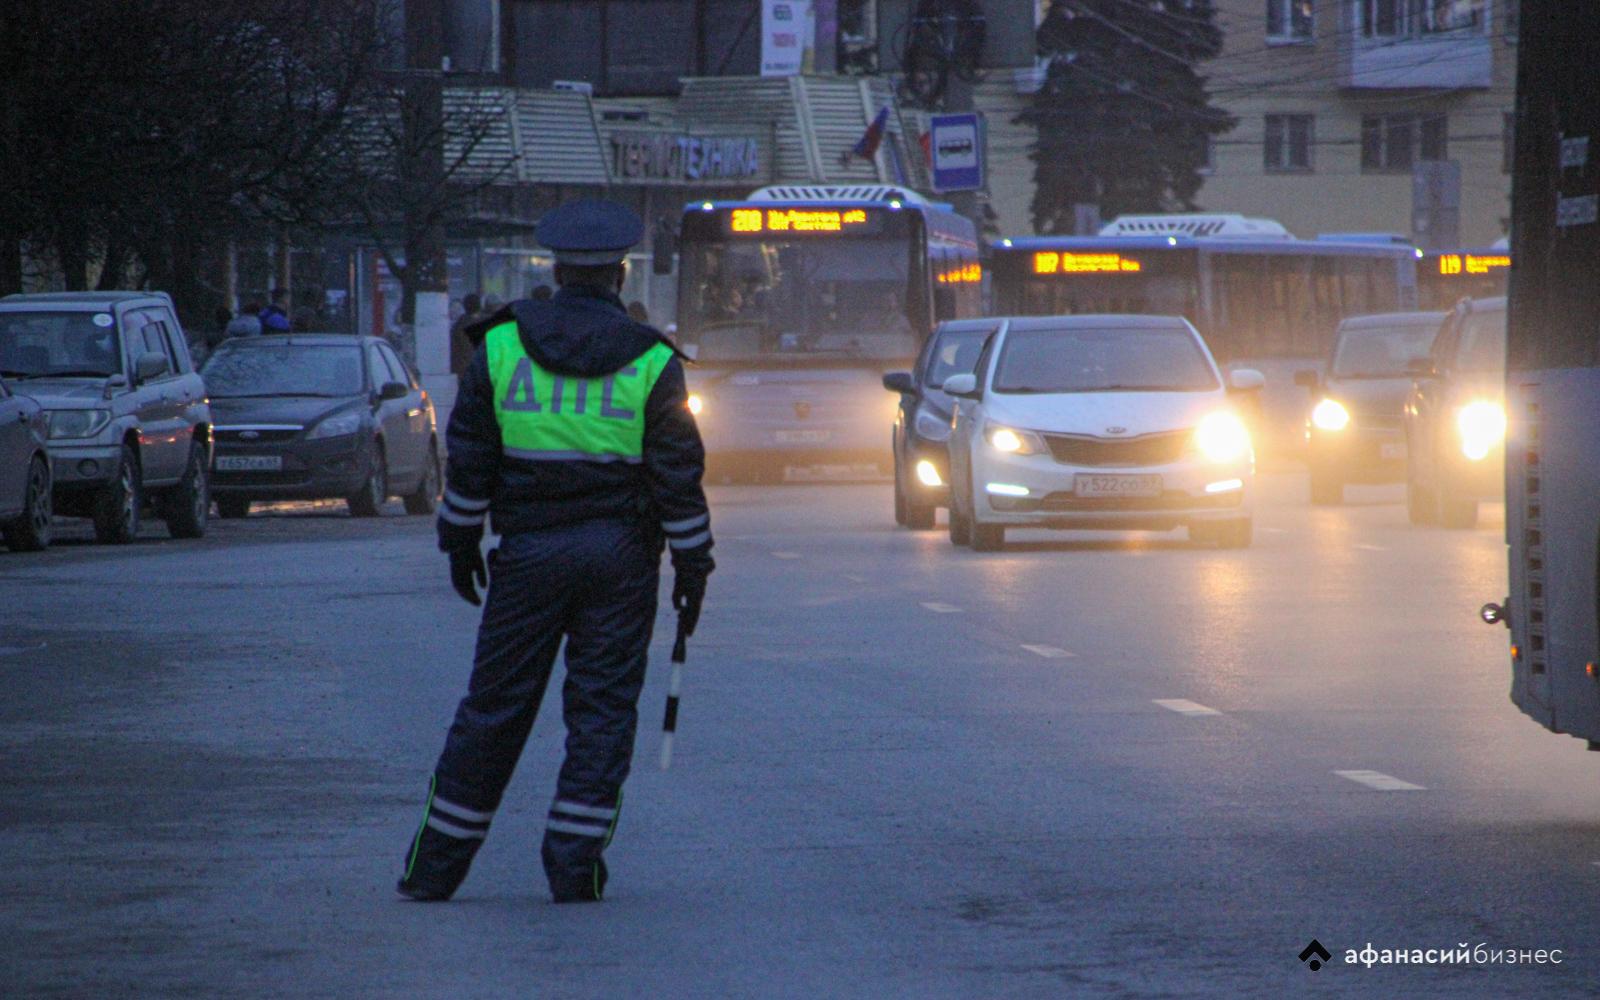 На дорогах Твери и Тверской области начался «Контроль трезвости»